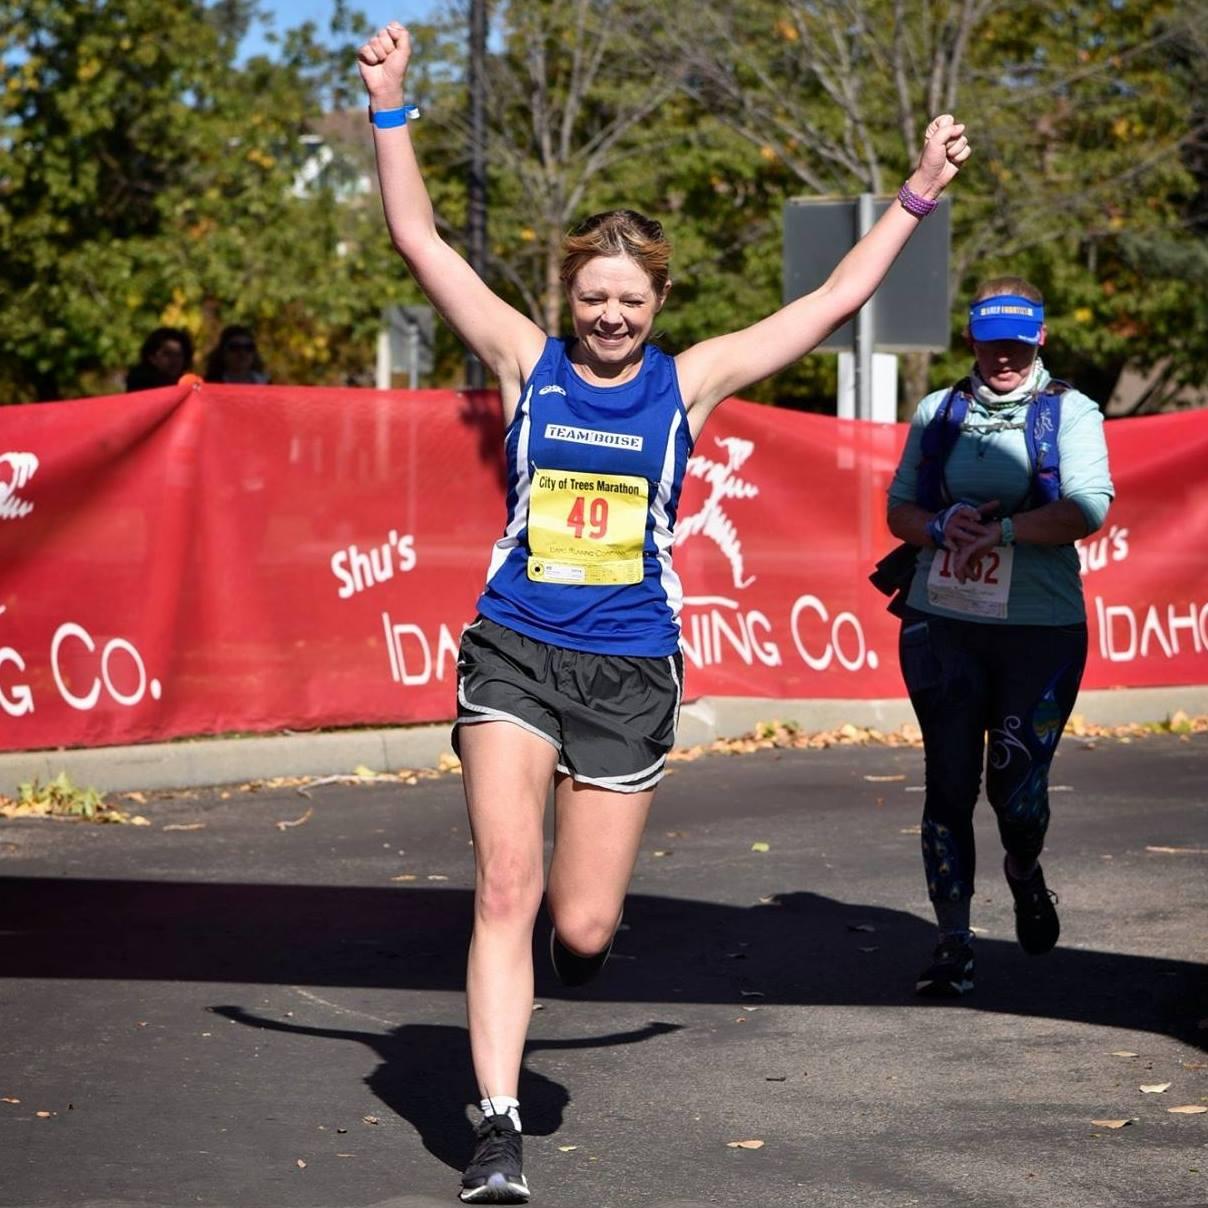 Michelle Heart - City of Trees Marathon